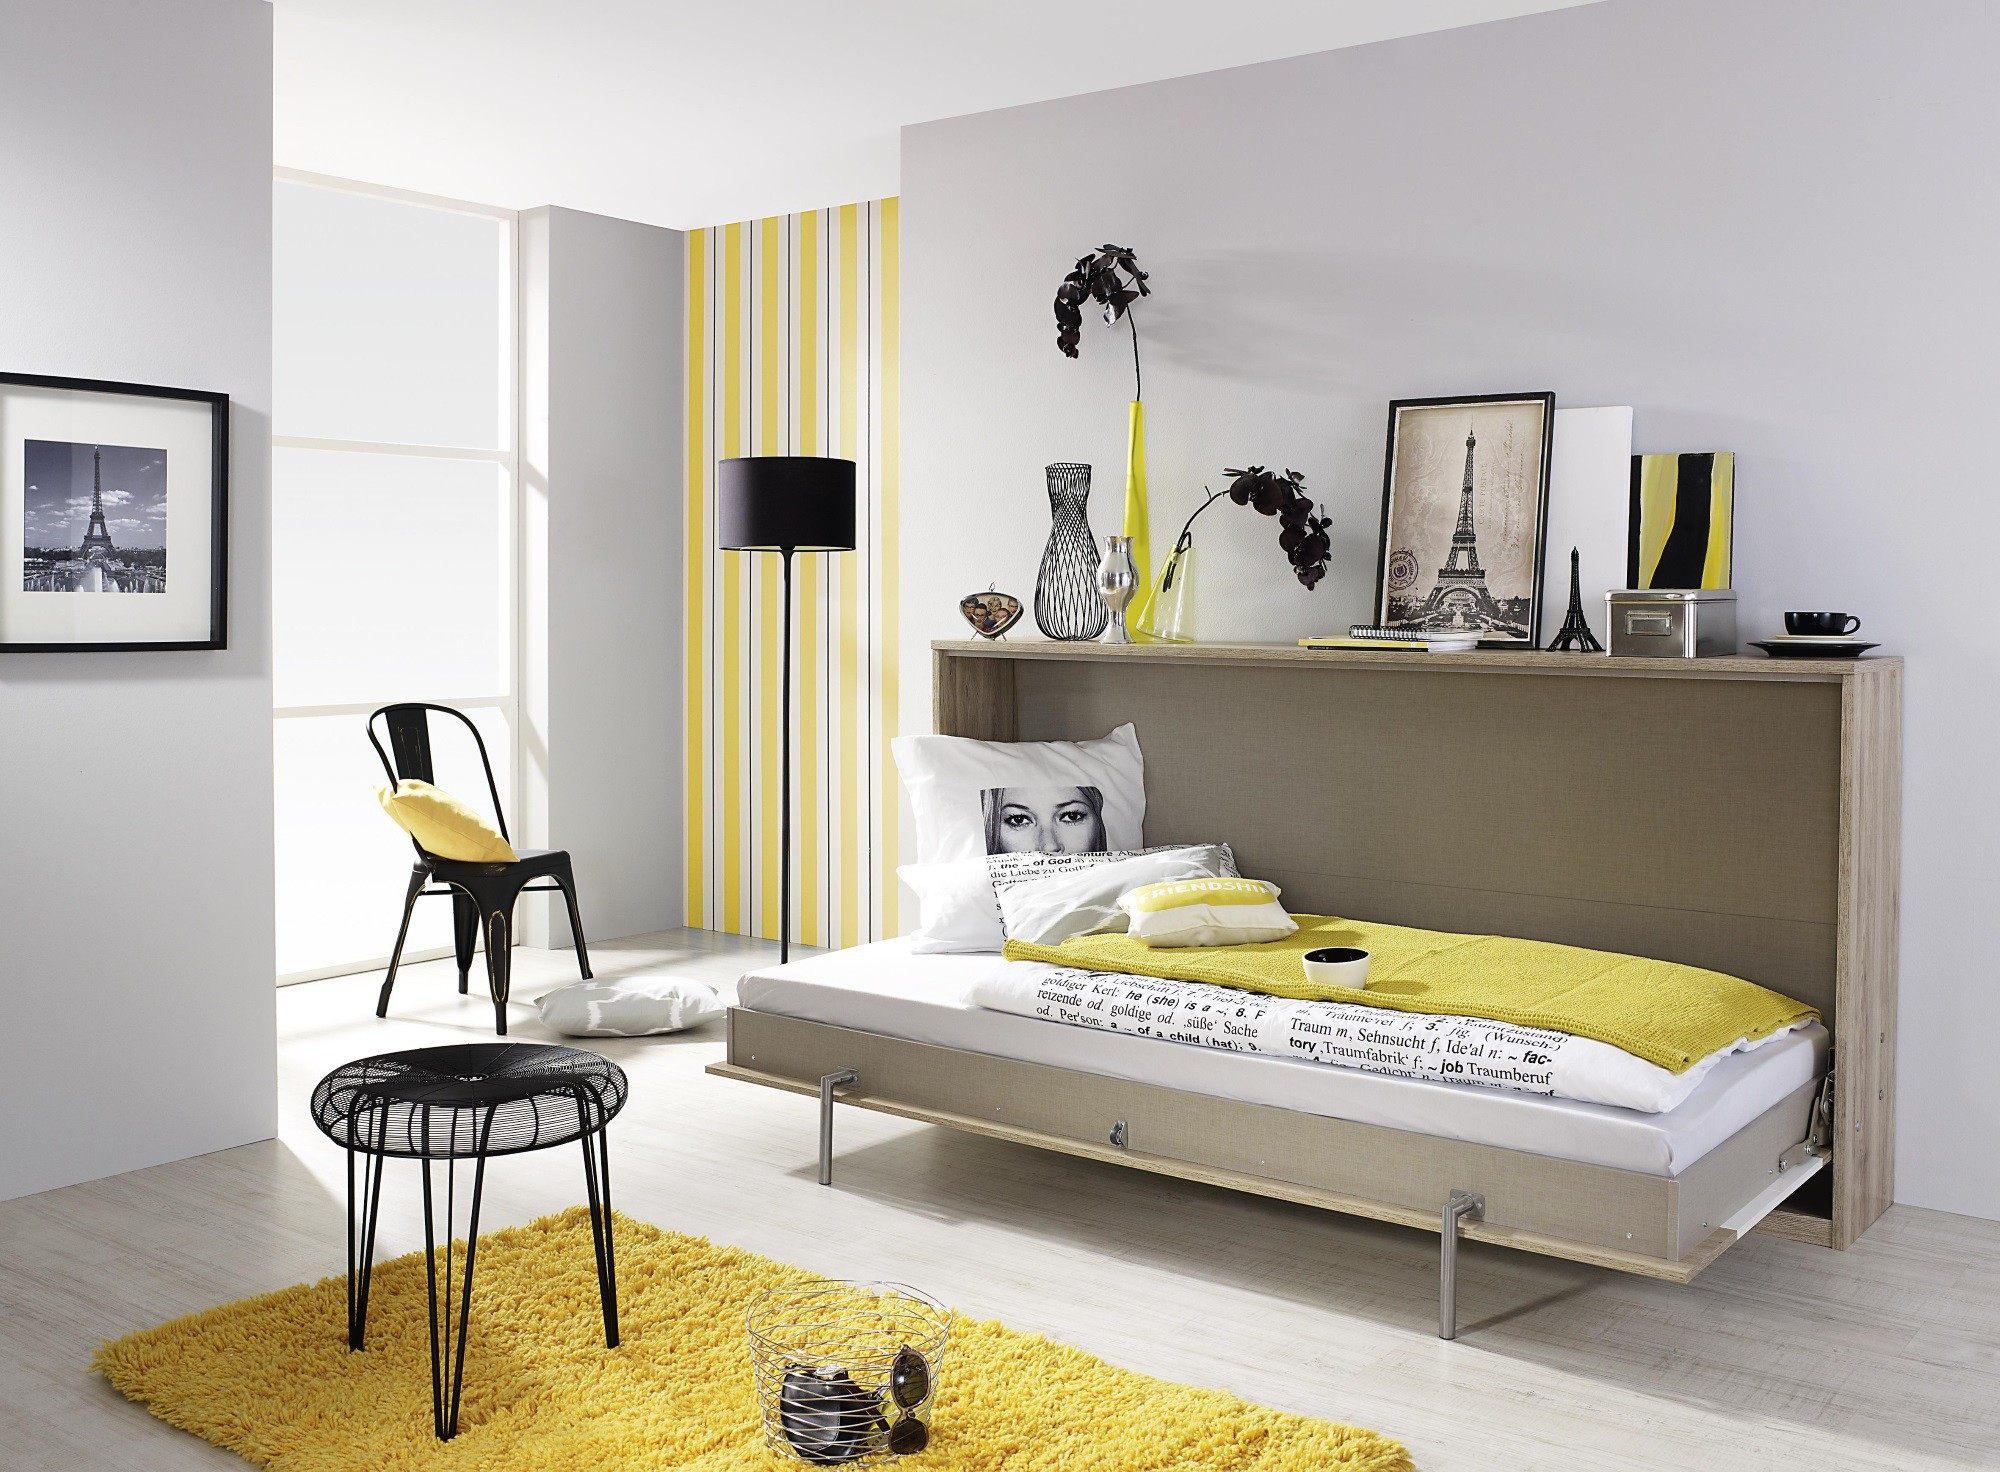 Lit D Enfant Ikea Frais Belle Chambre D Enfant Ikea Ou Armoire Ikea Ch Elegant Article with